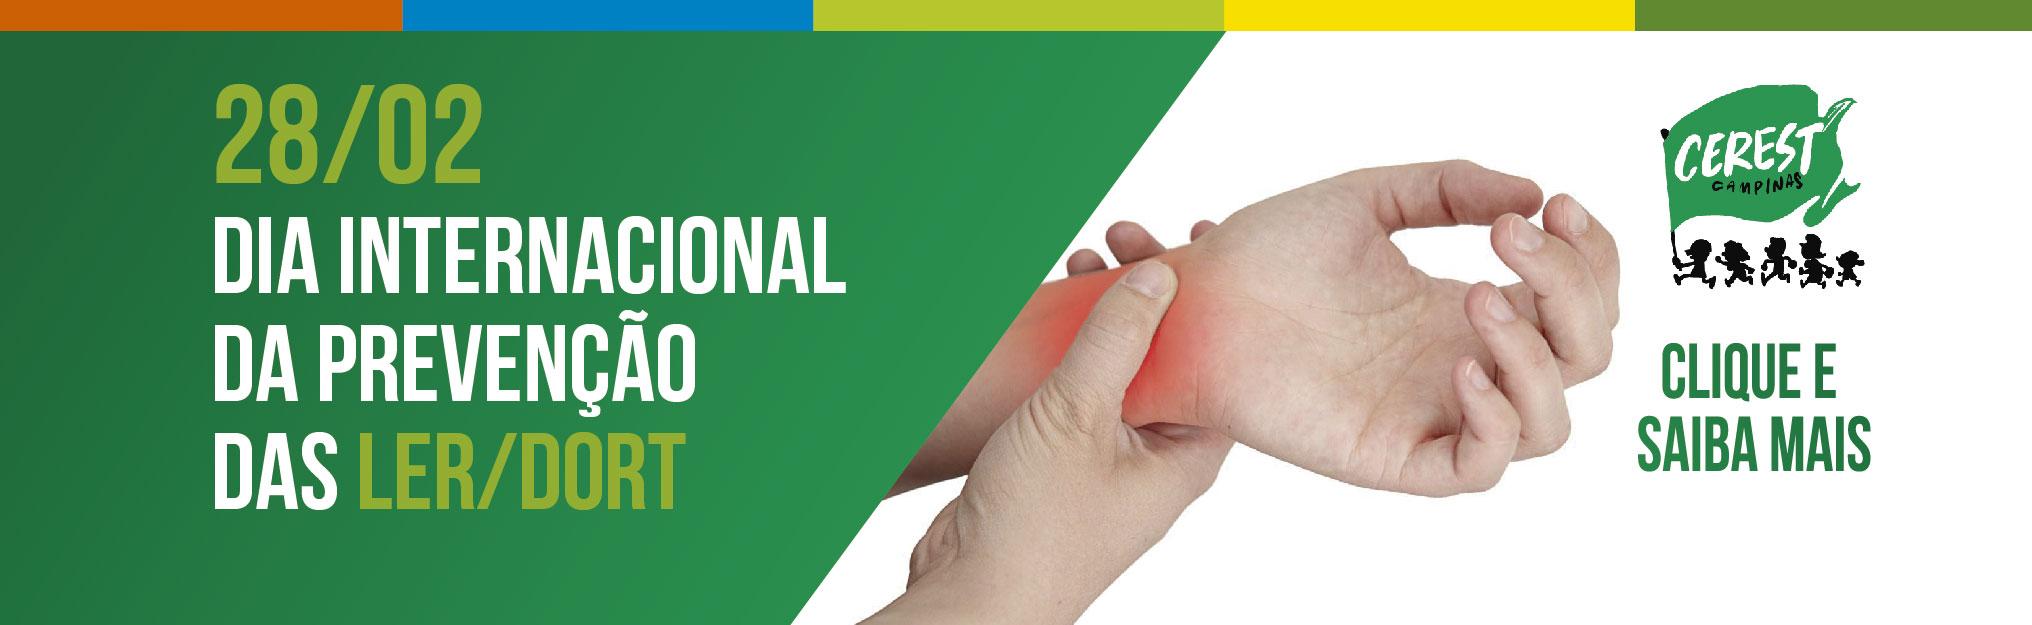 Dia internacional da prevenção das Ler Dort